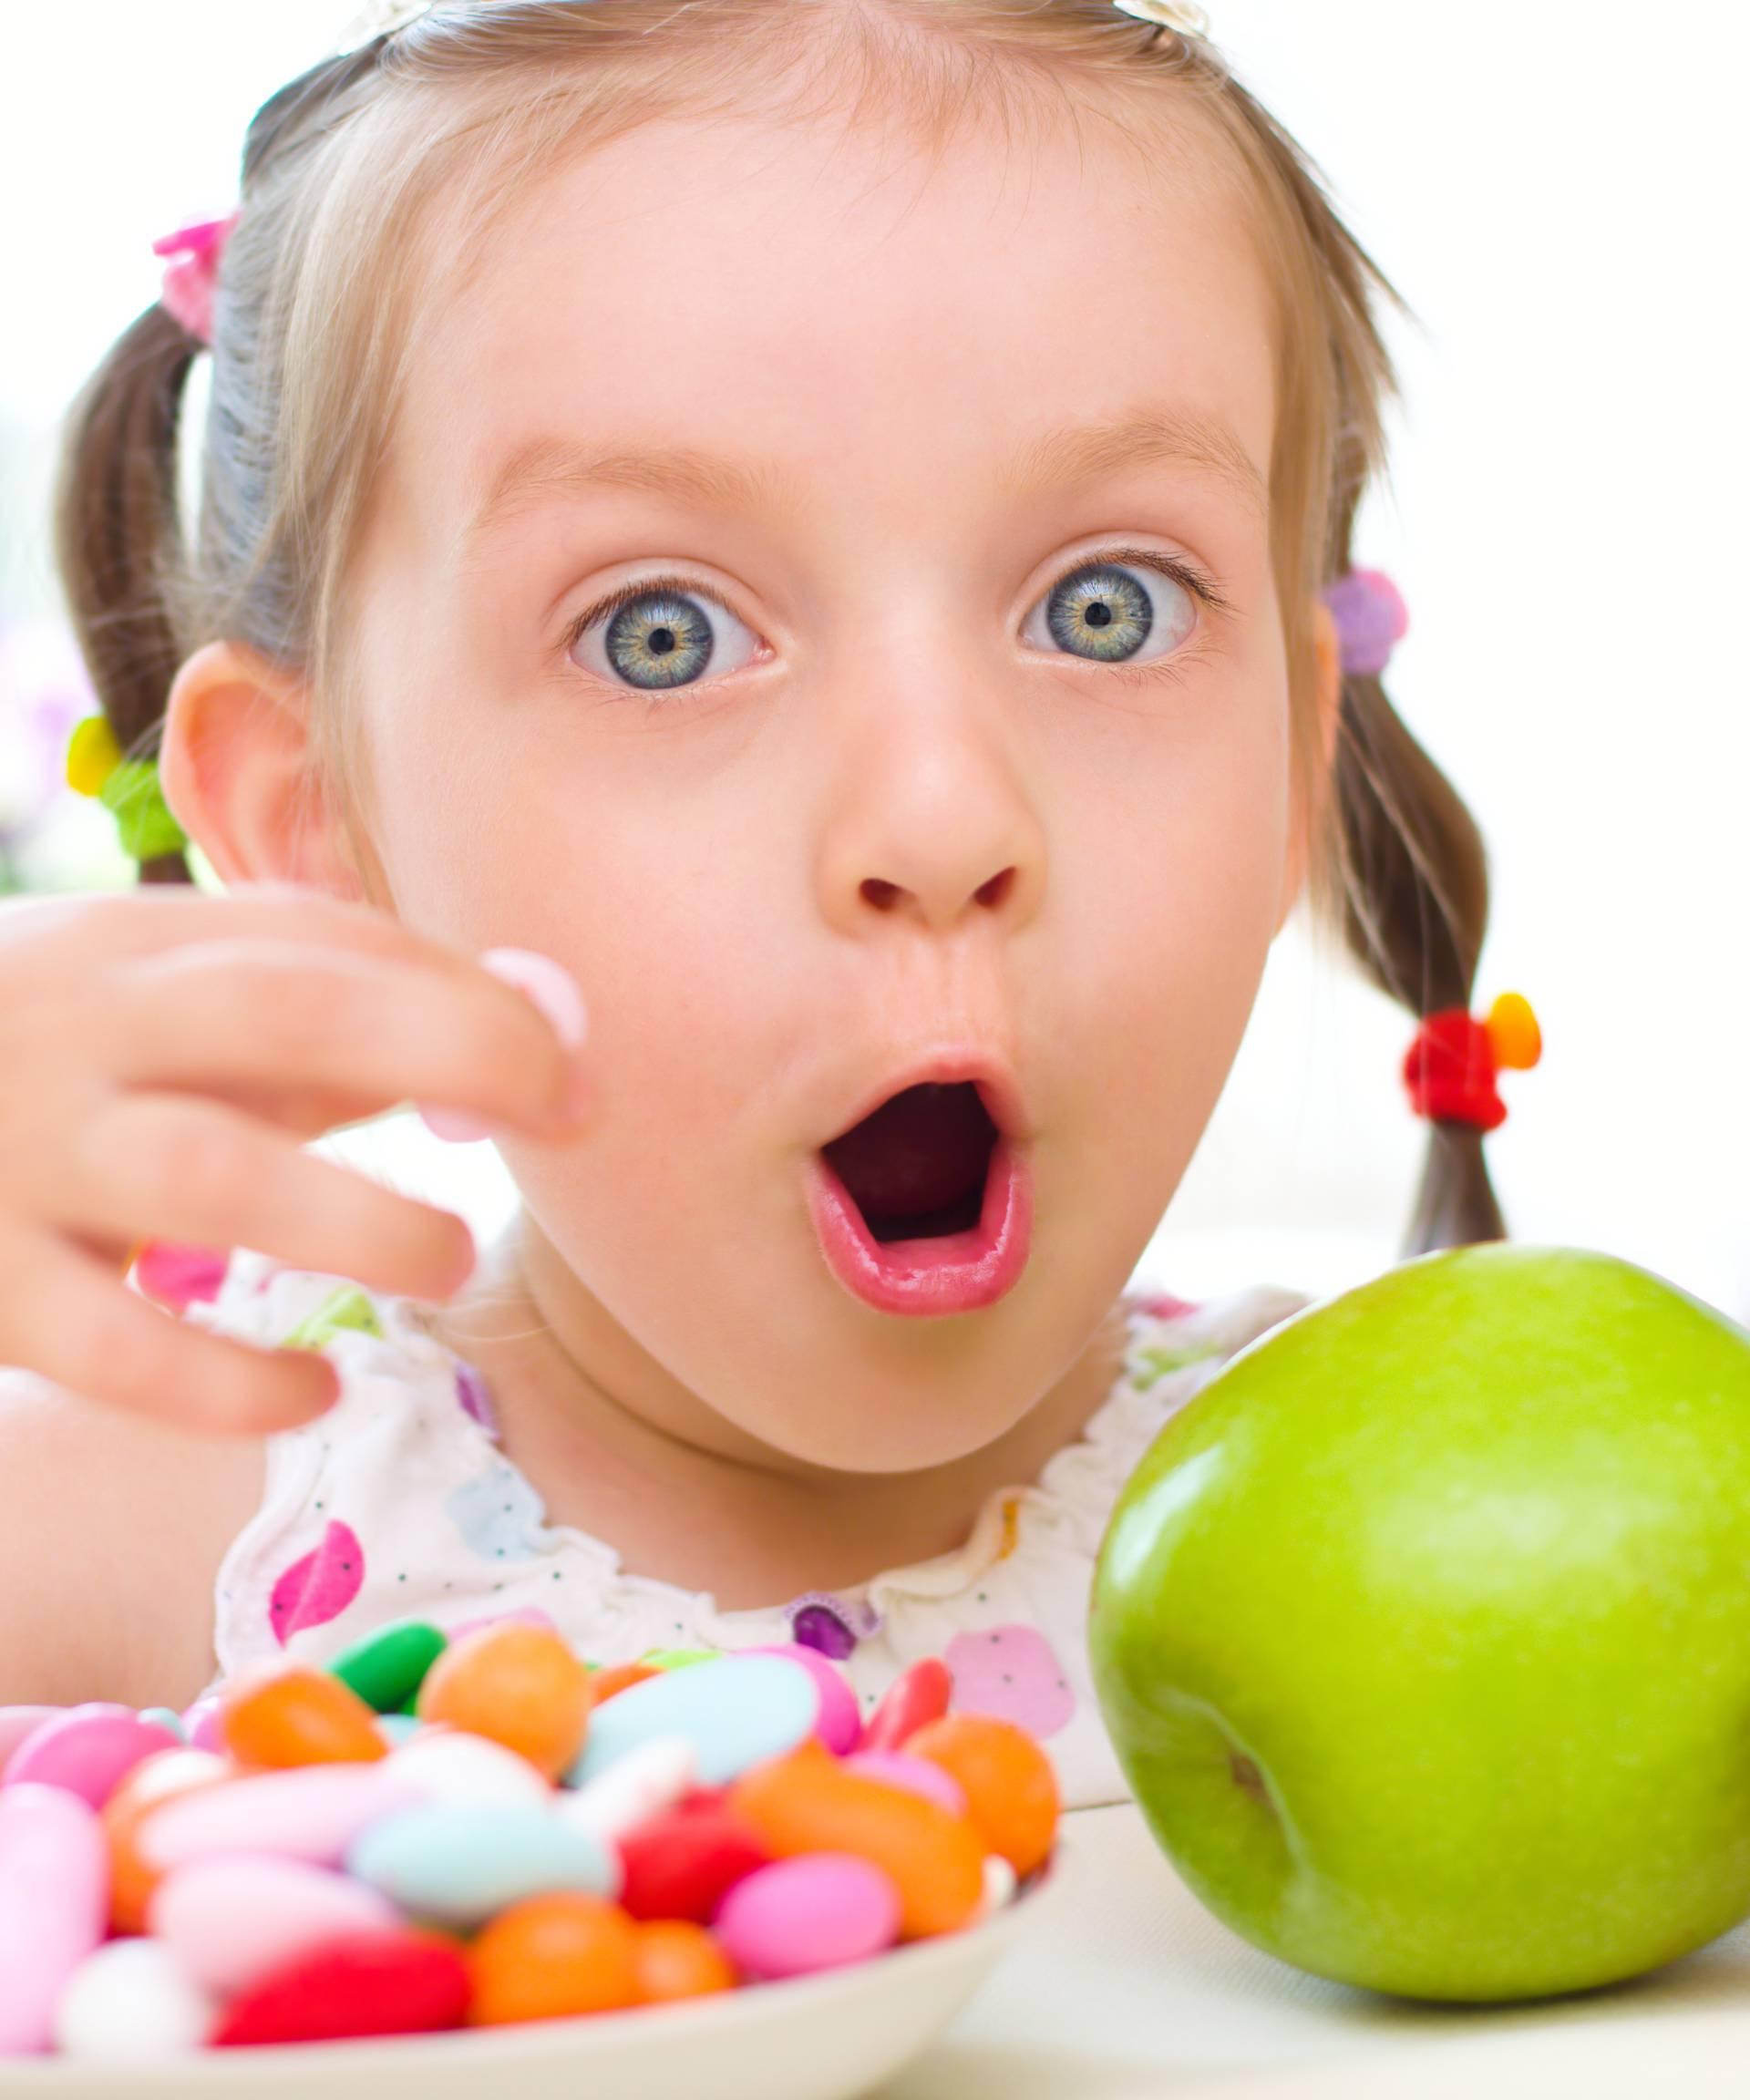 Može li dijete dobiti dijabetes ako jede previše slatkiša ili ne?